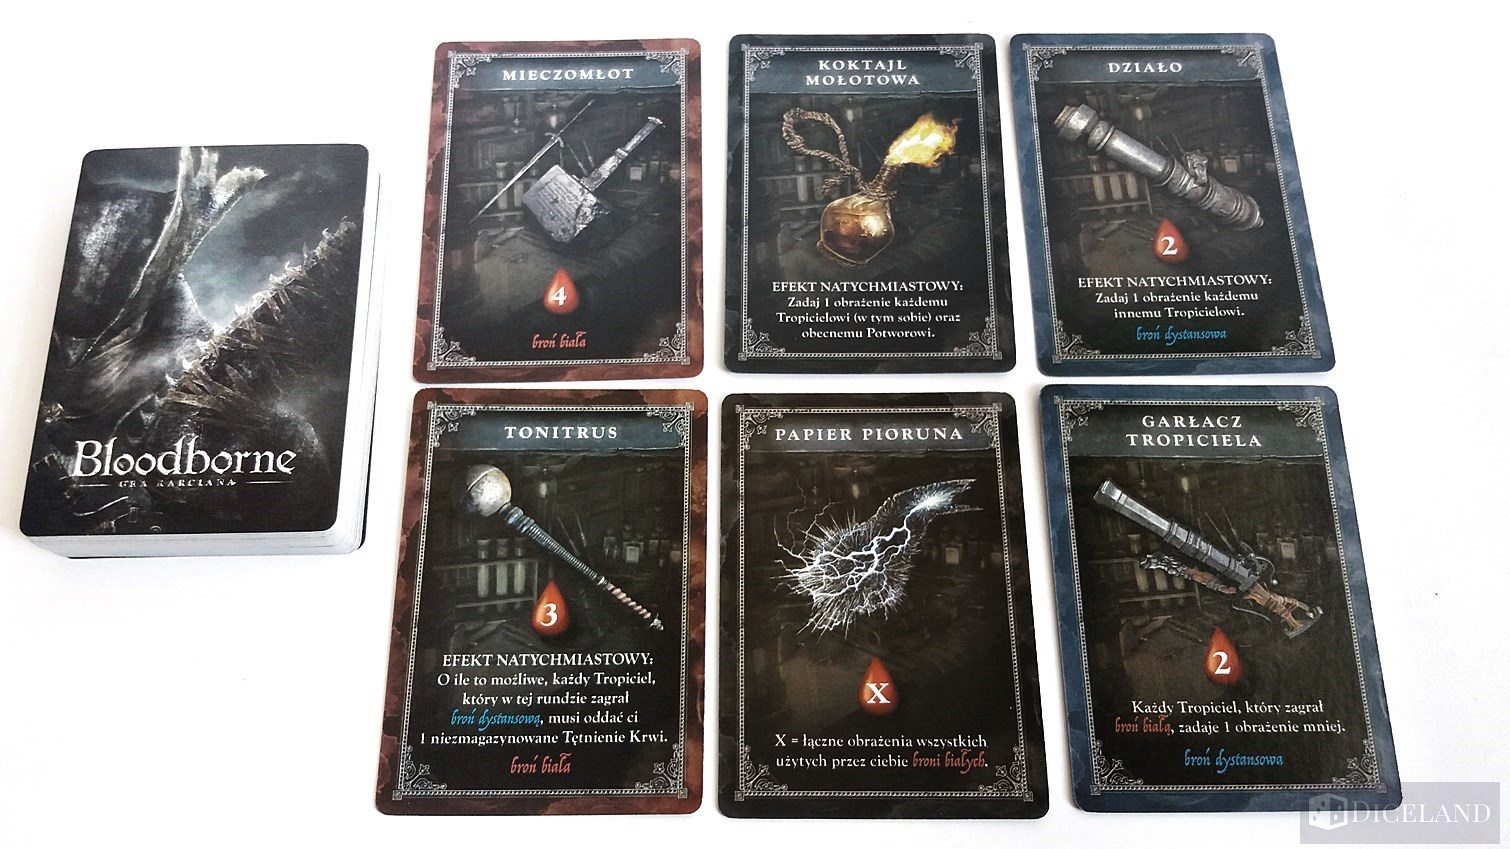 Bloodborne 13 Unboxing #10 Bloodborne: Gra Karciana